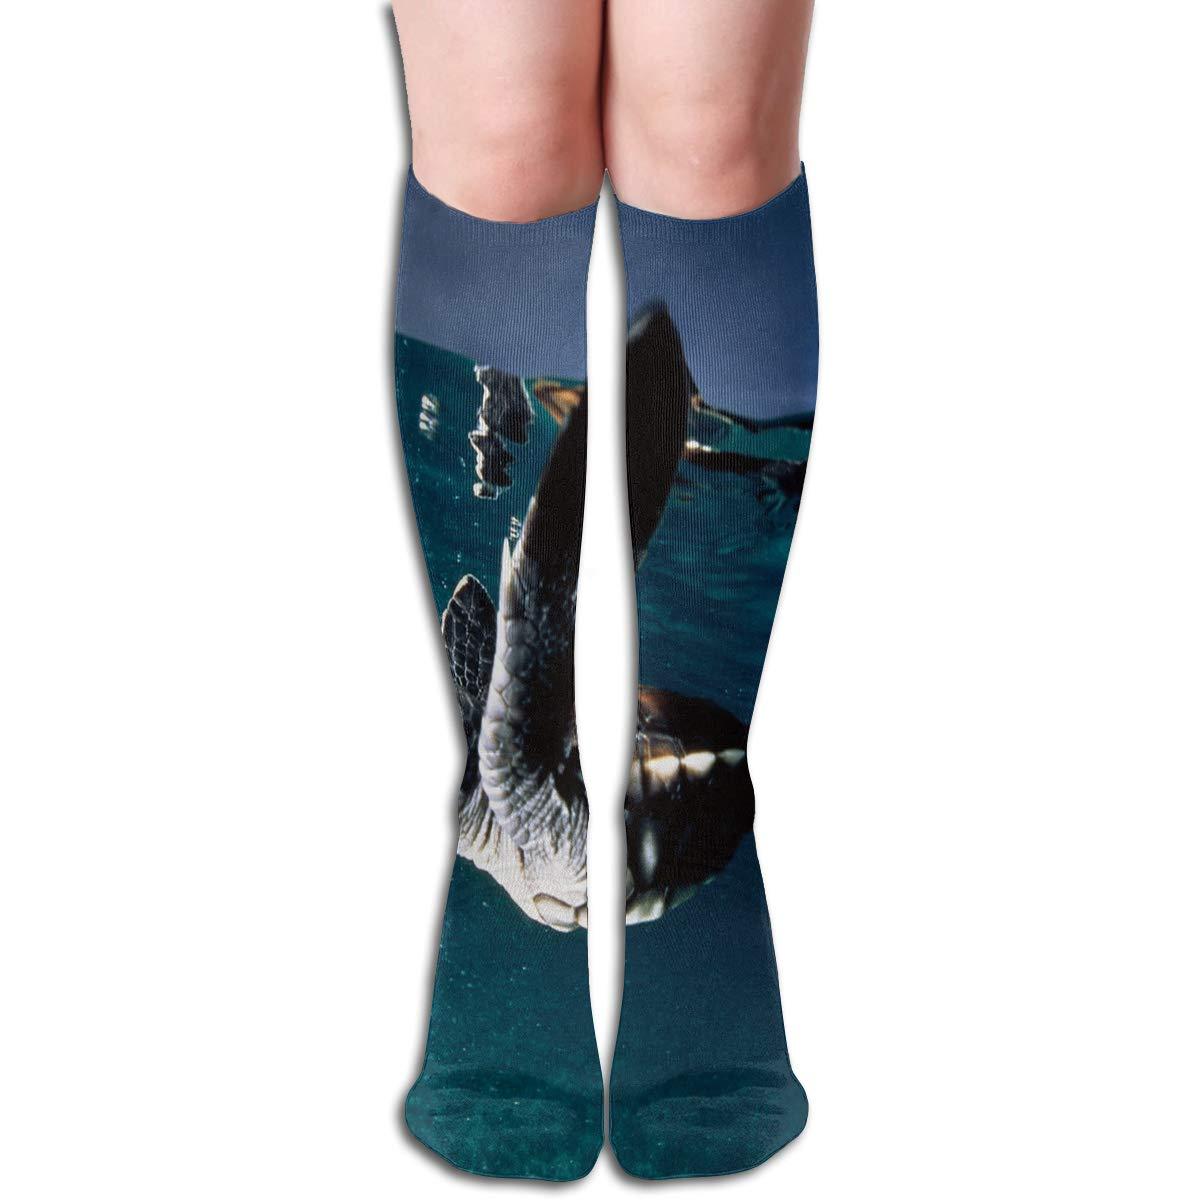 Girls Socks Mid-Calf Turtle In The Waves Winter Designer For Festive